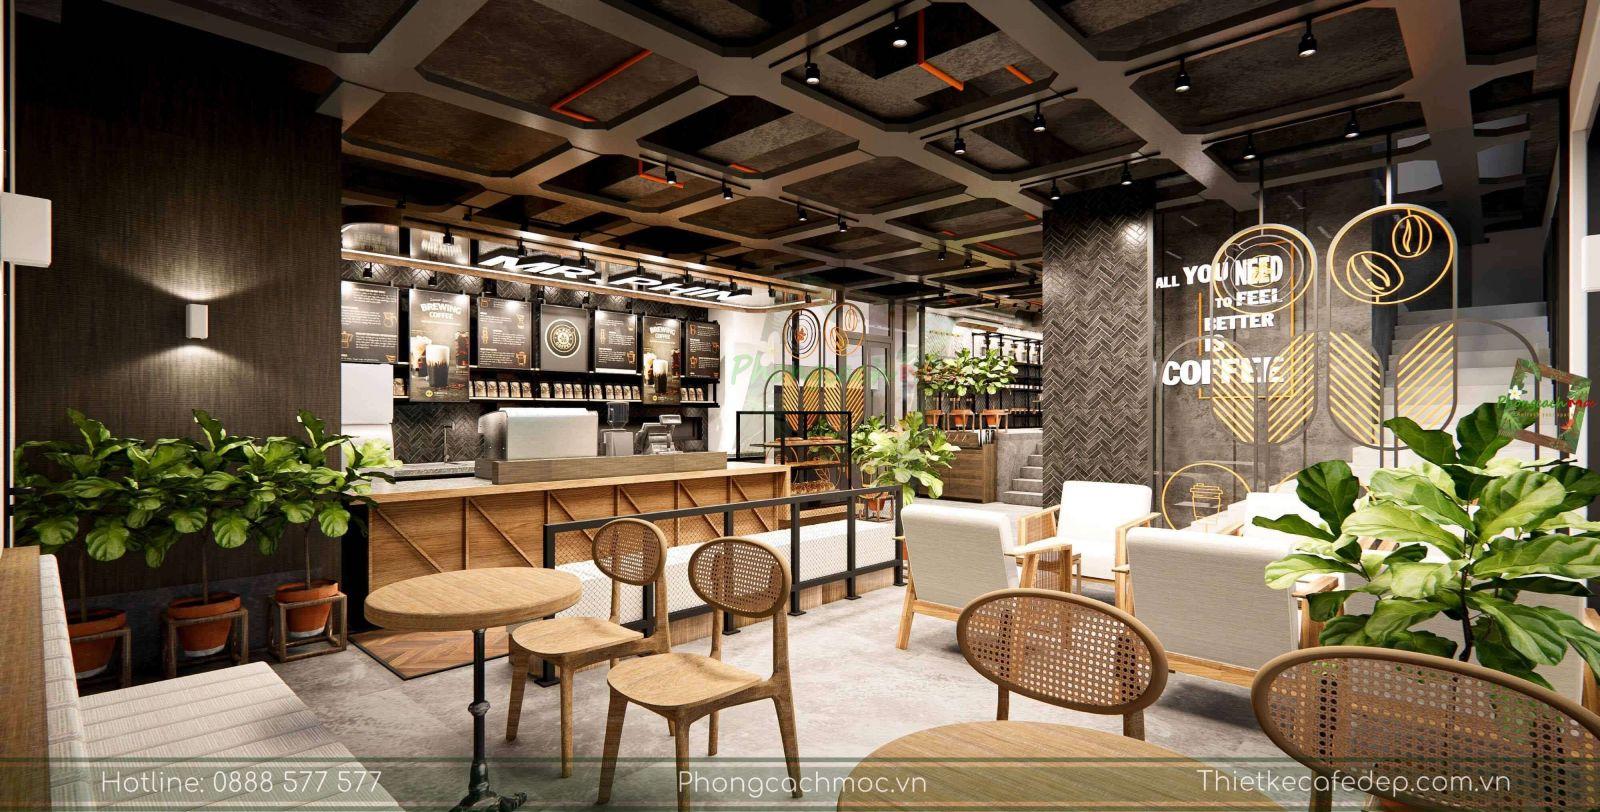 thiet-ke-quan-cafe-mr-phin-chu-van-an-17